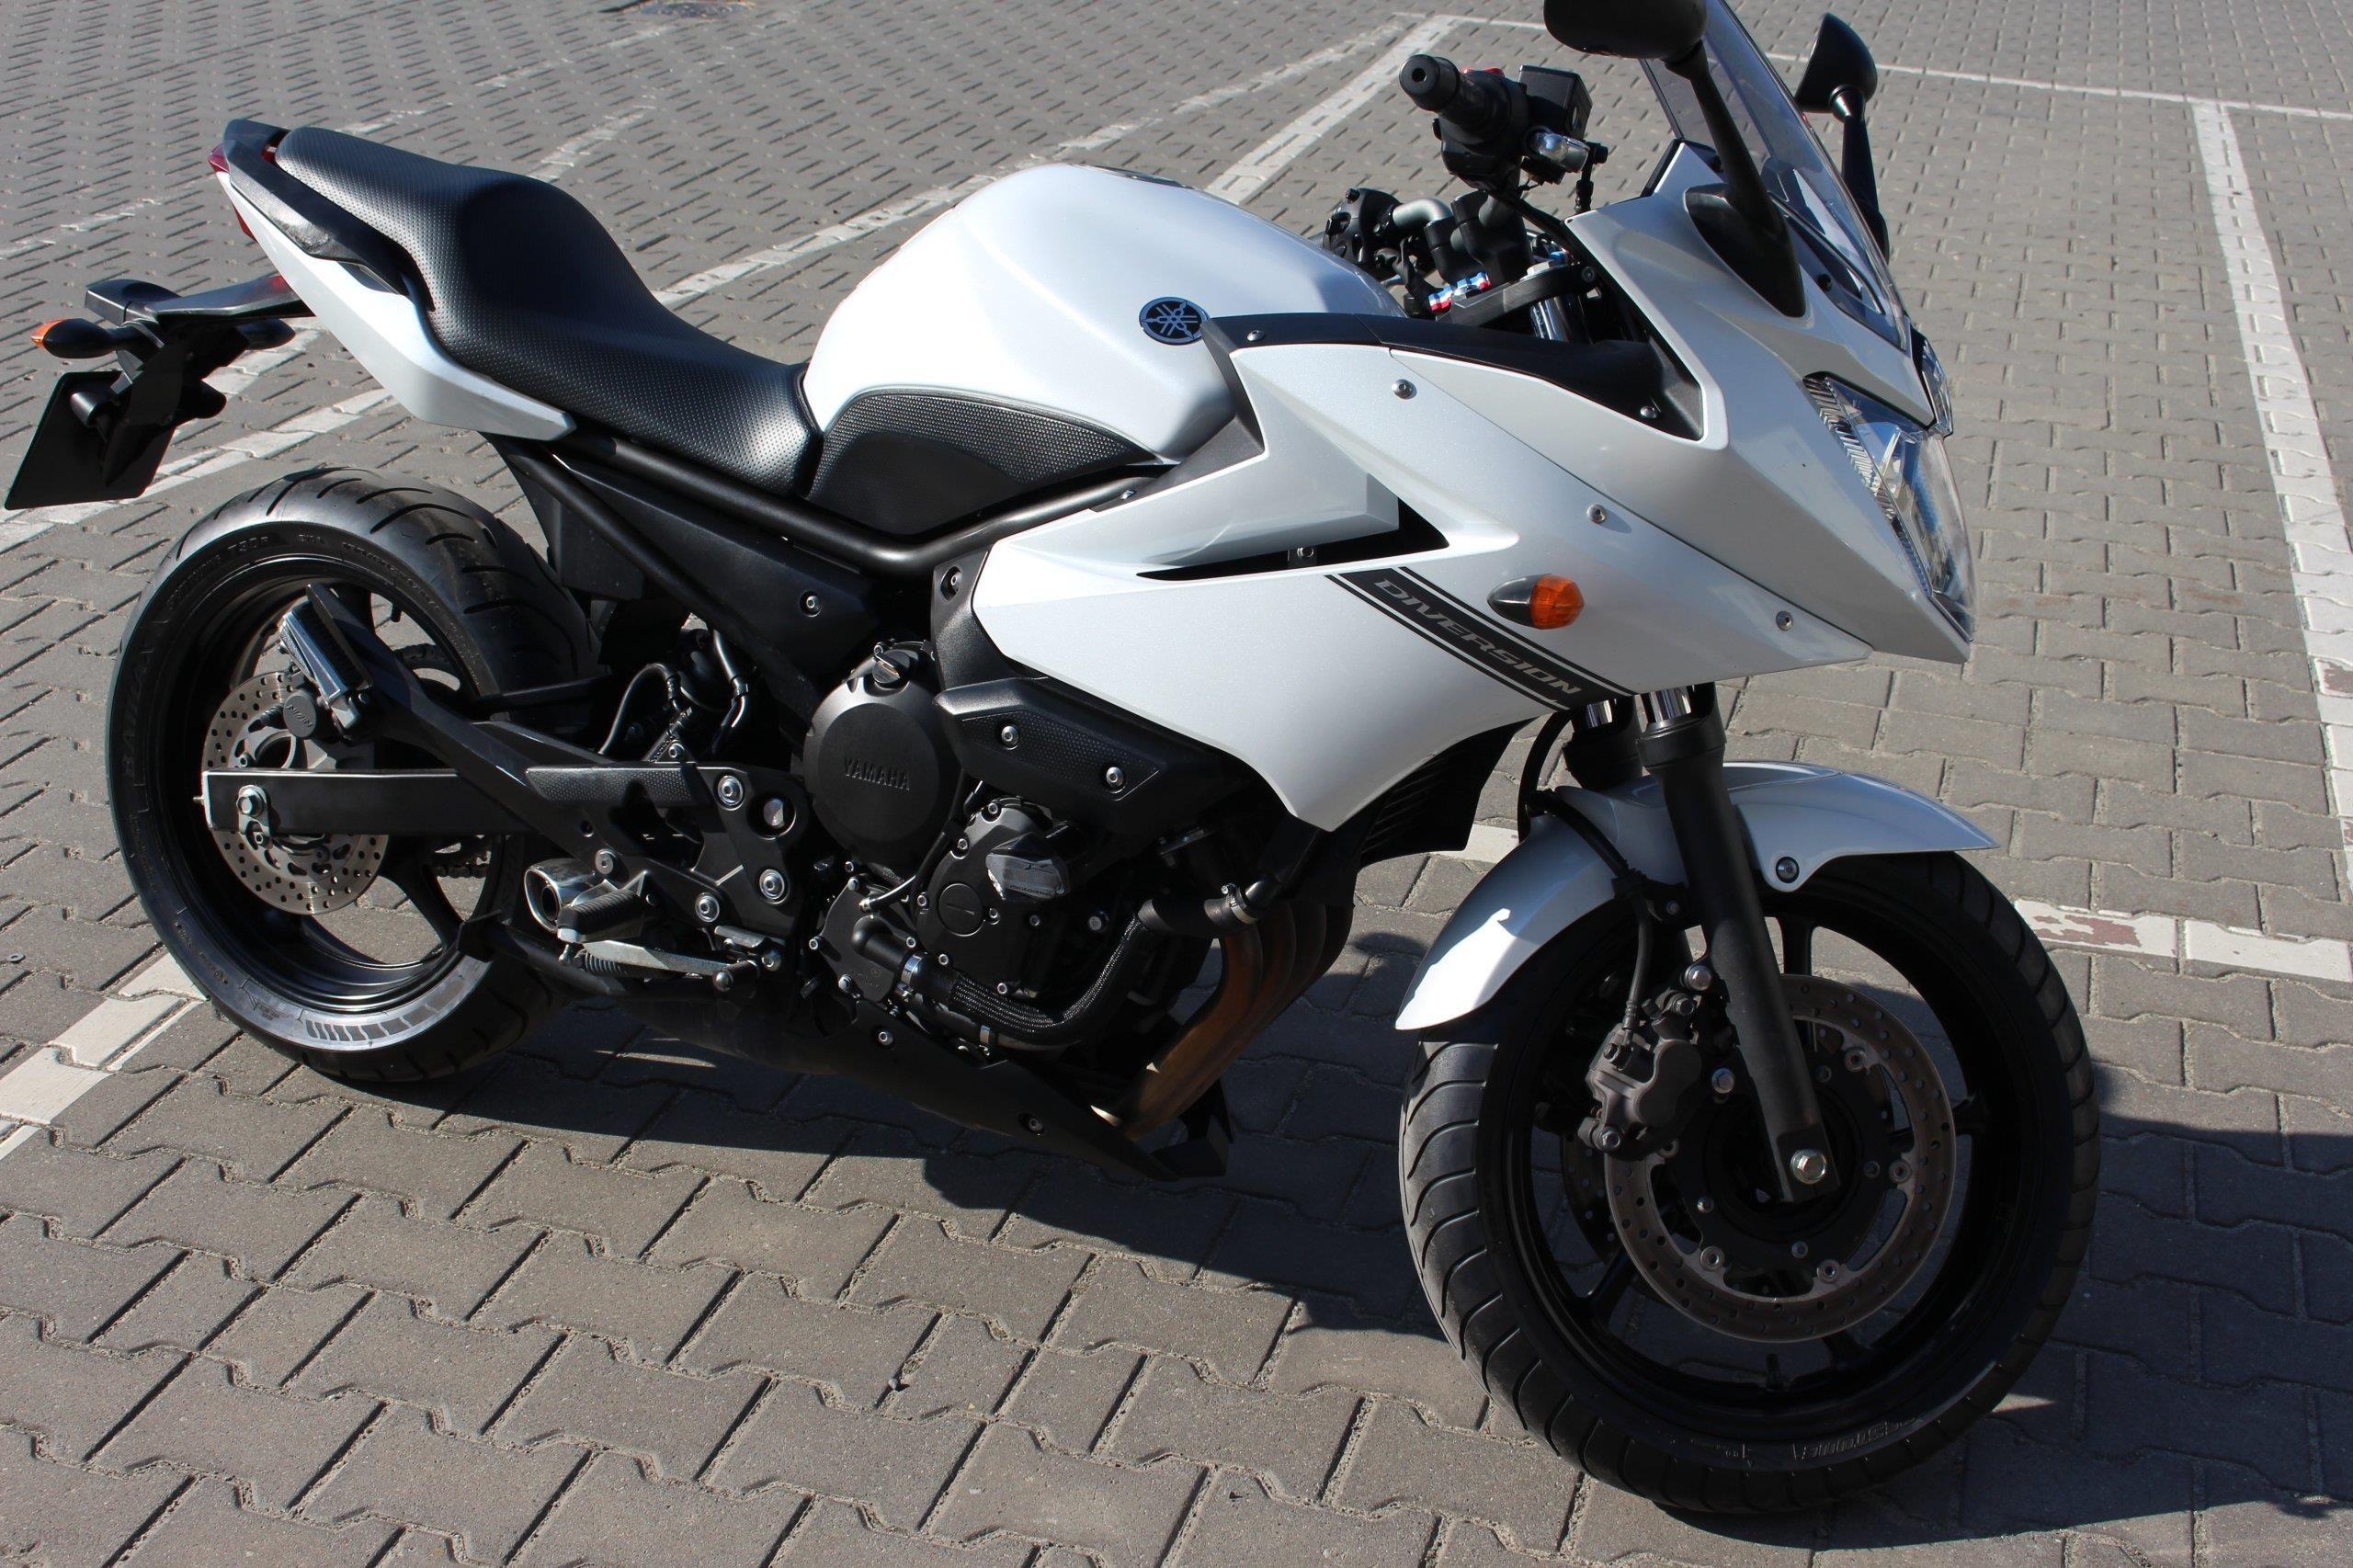 Yamaha Xj6 Diversion Opinie I Ceny Na Ceneo Pl